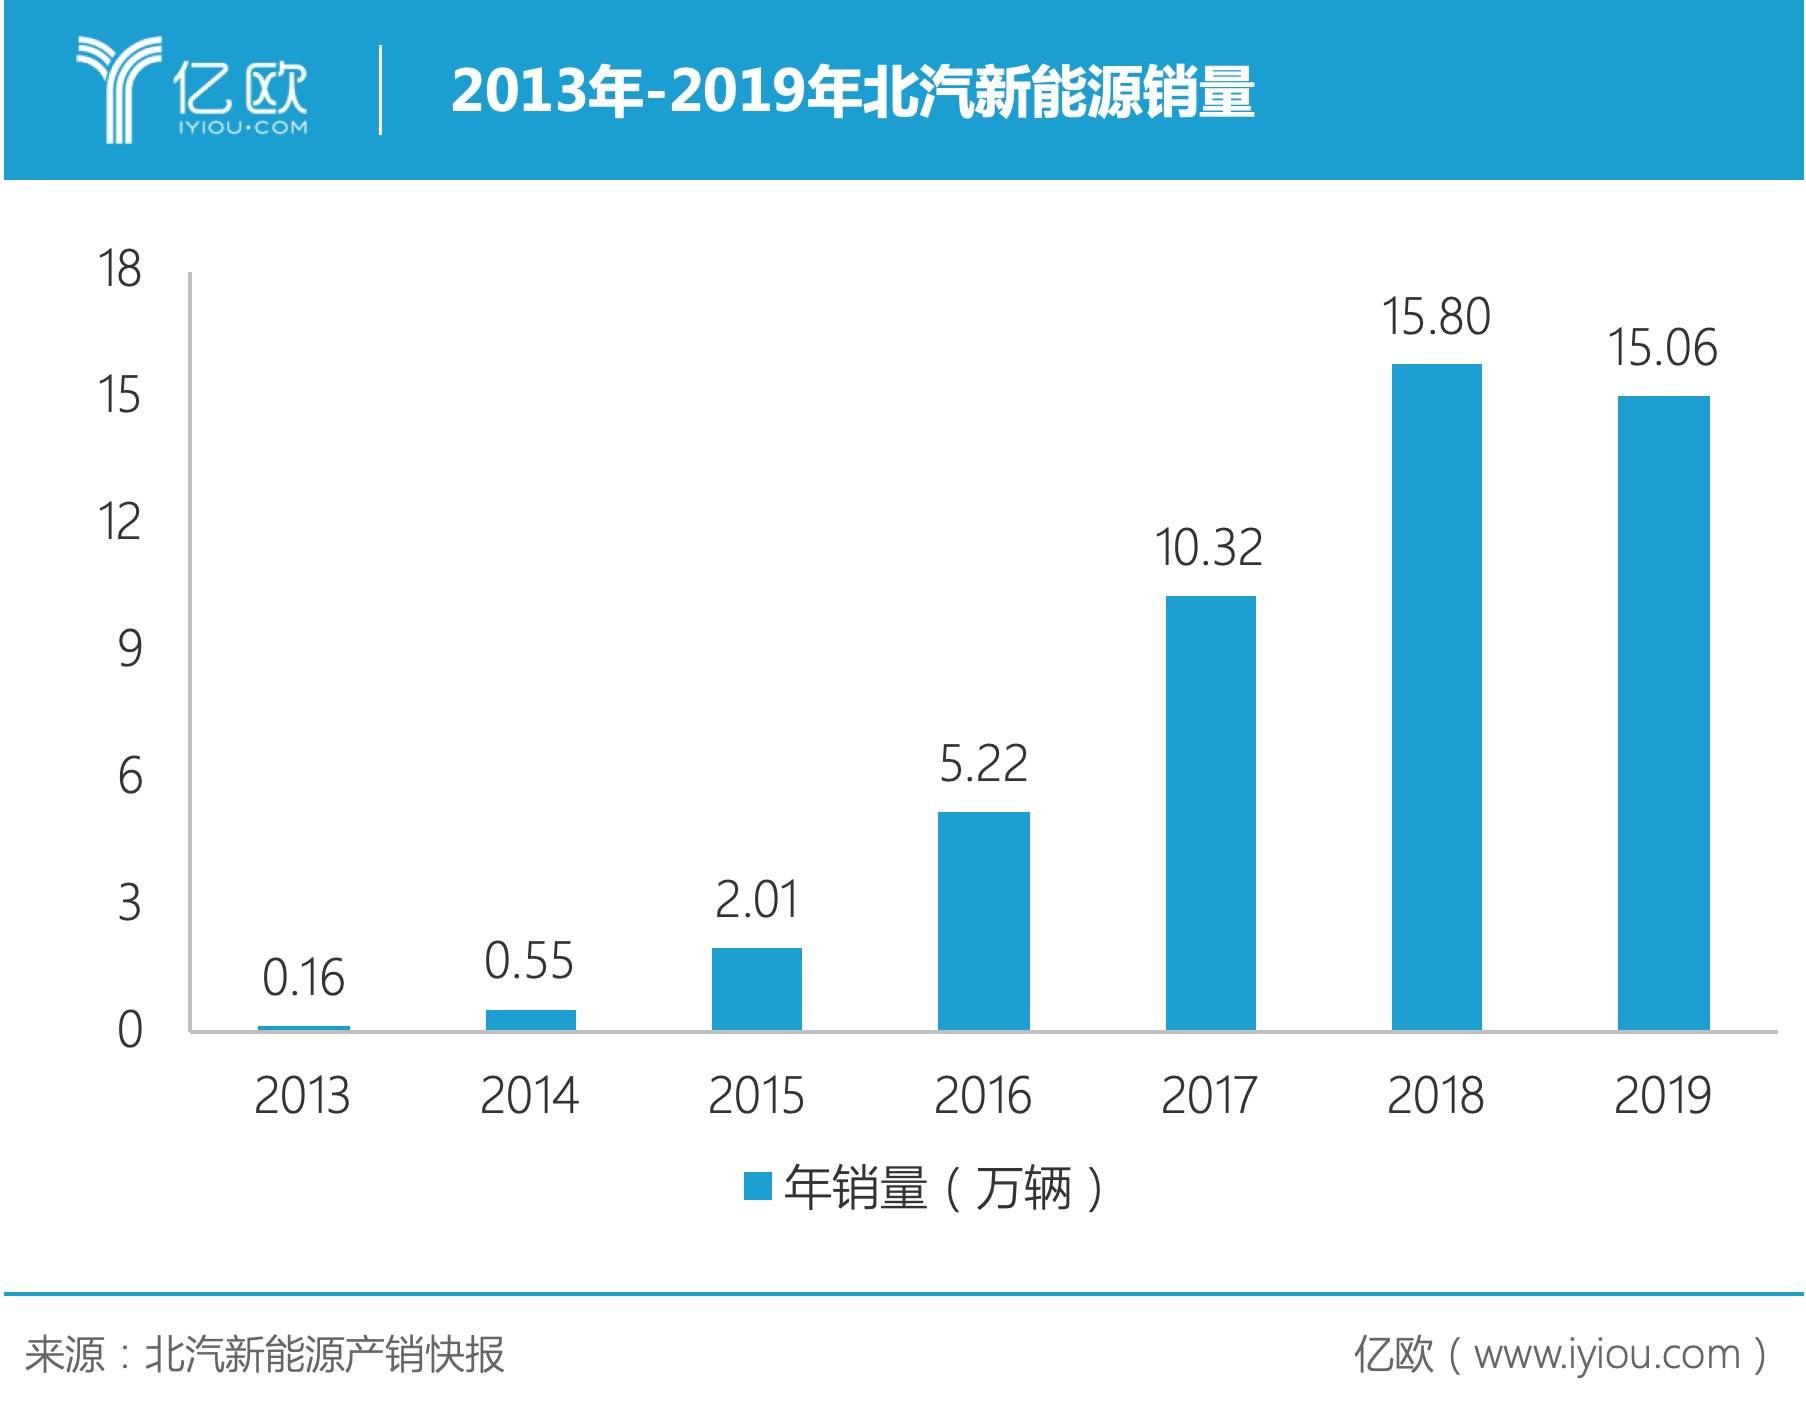 2013-2019年北汽新能源销量